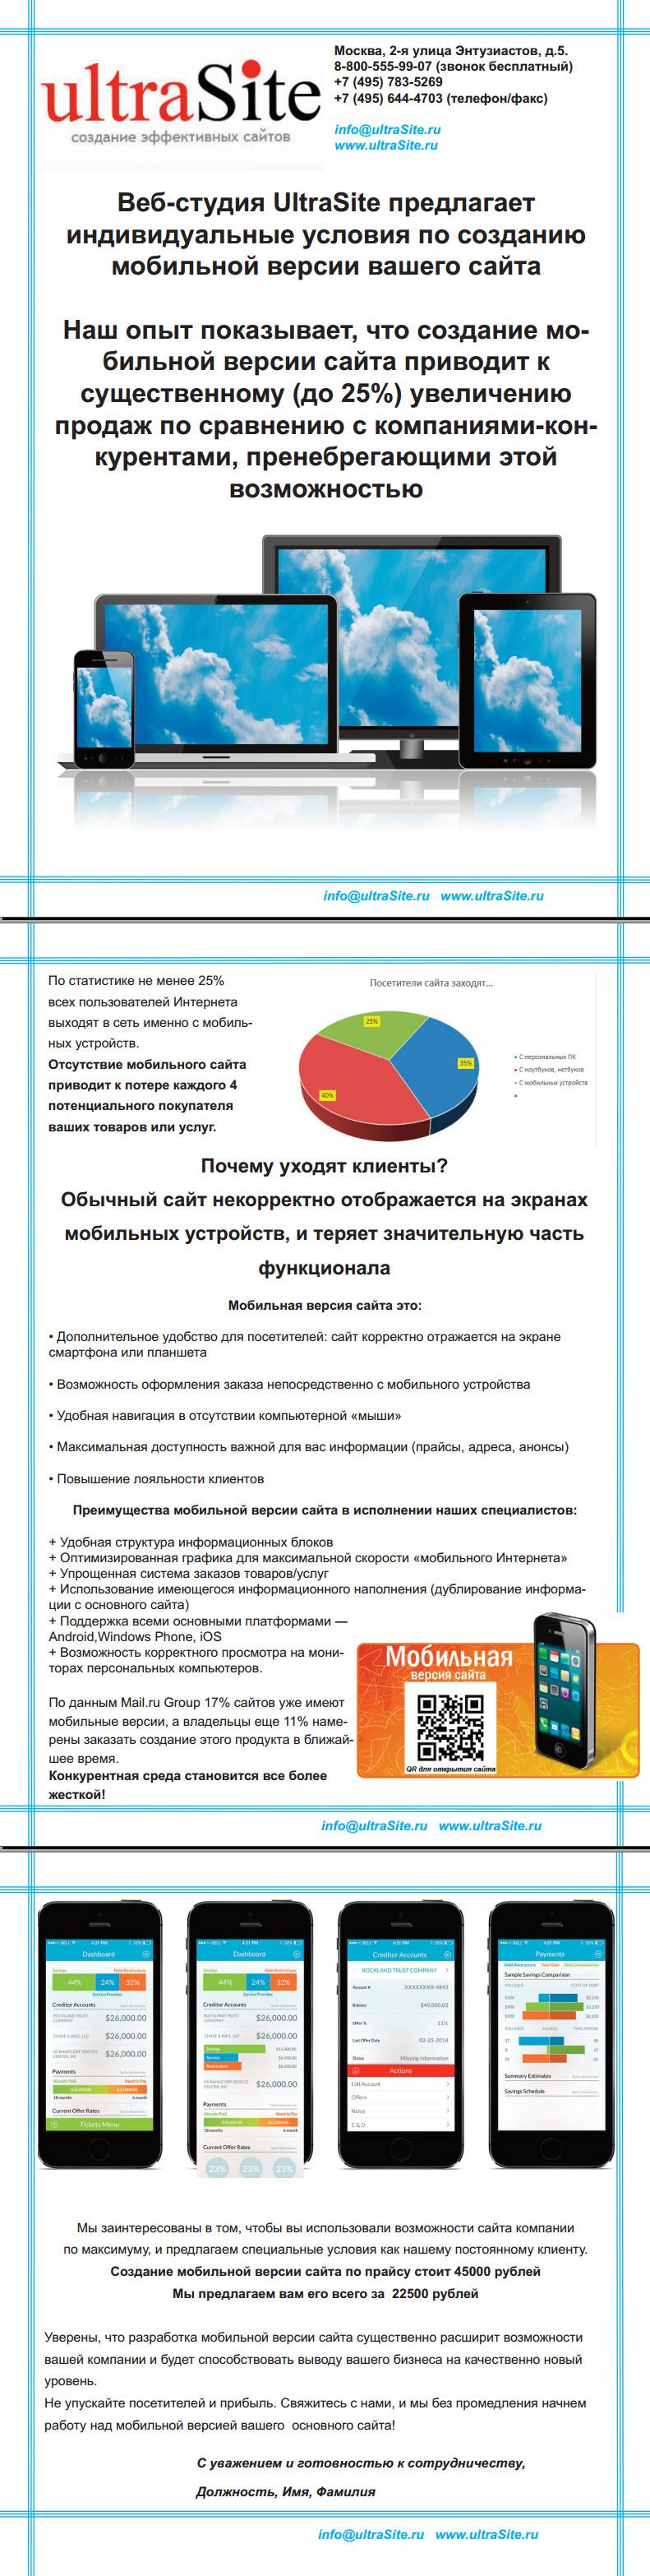 КП-Мобильная версия сайта